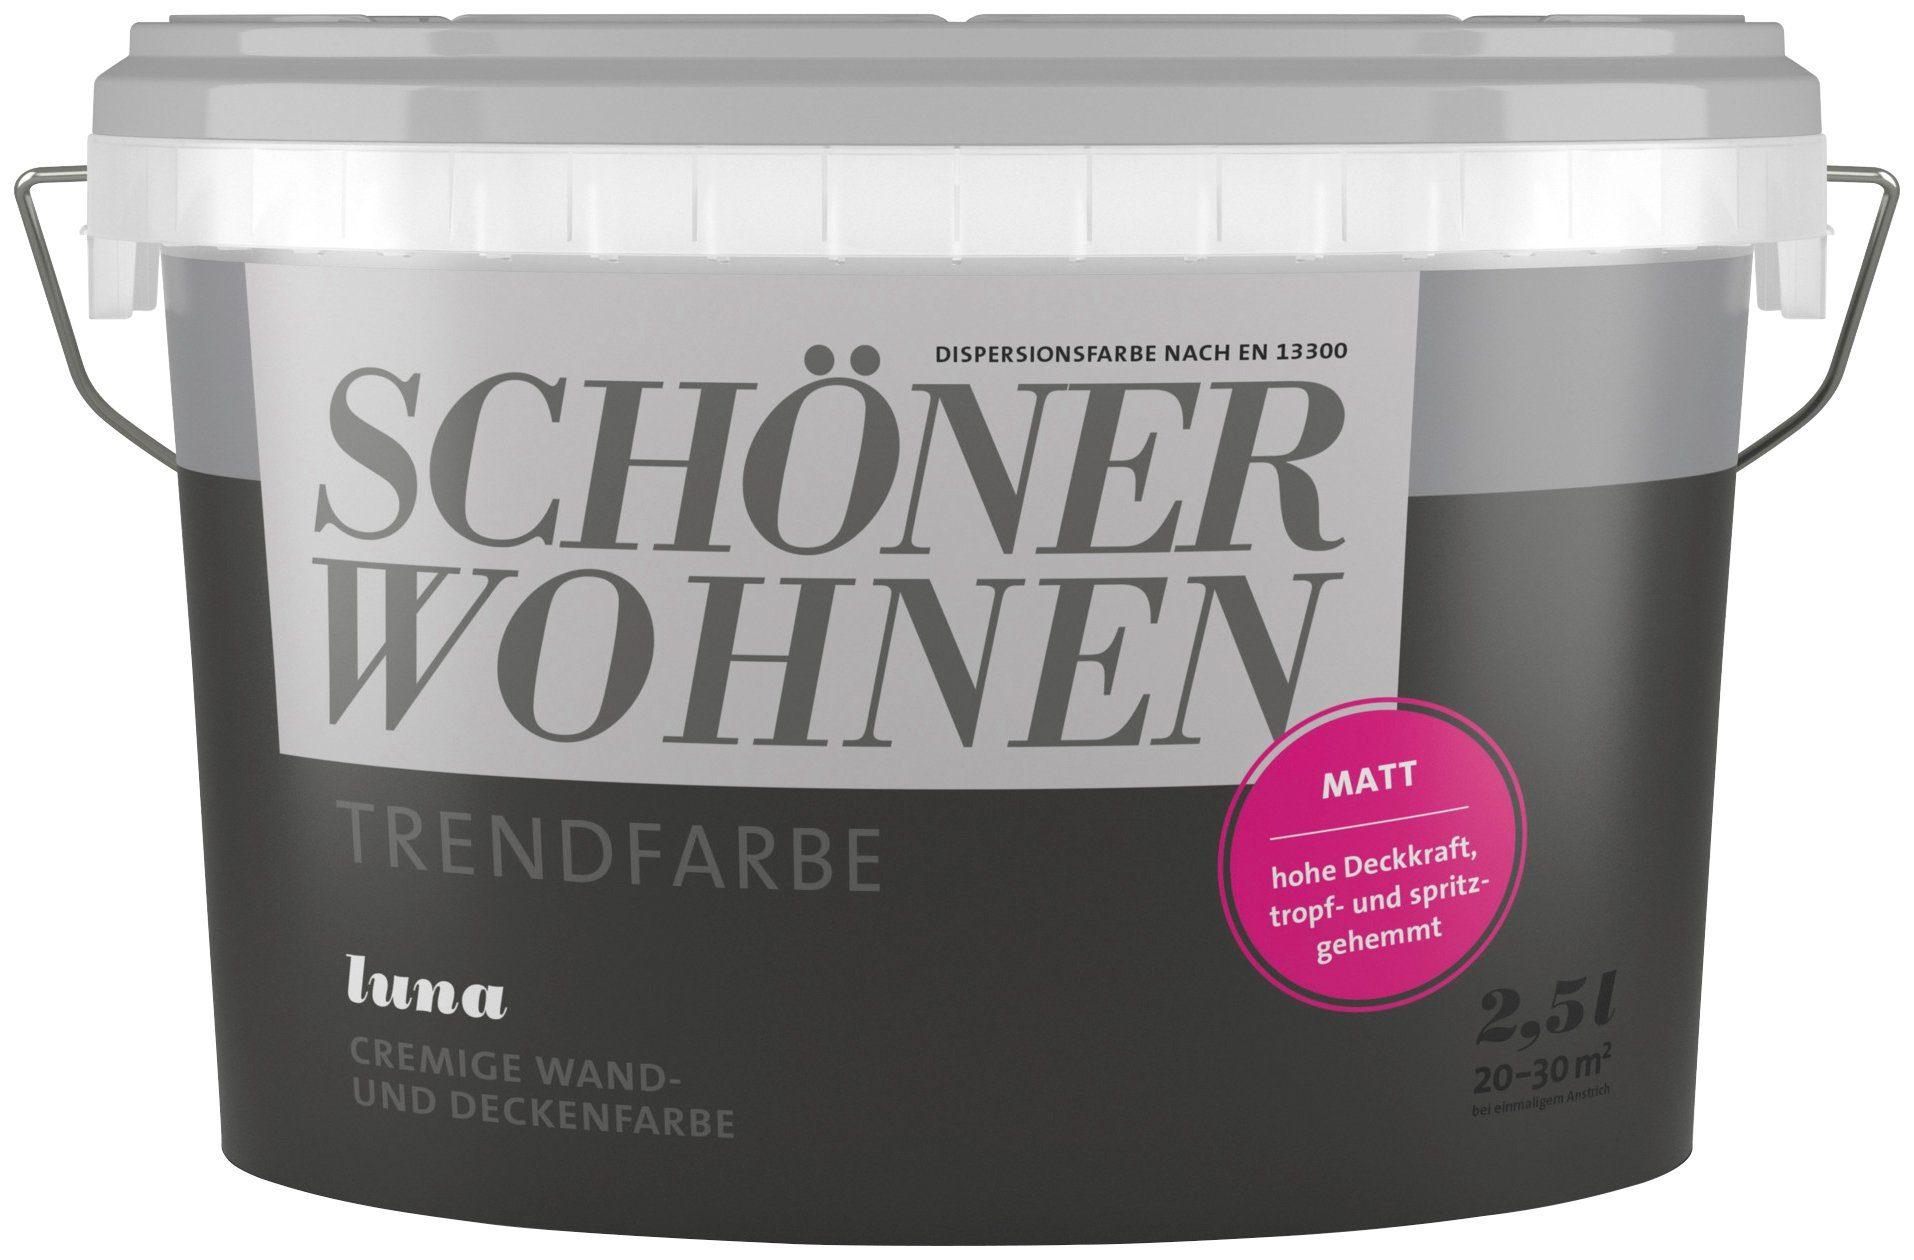 SCHÖNER WOHNEN FARBE Wand- und Deckenfarbe »Trendfarbe Luna, matt«, 2,5 l